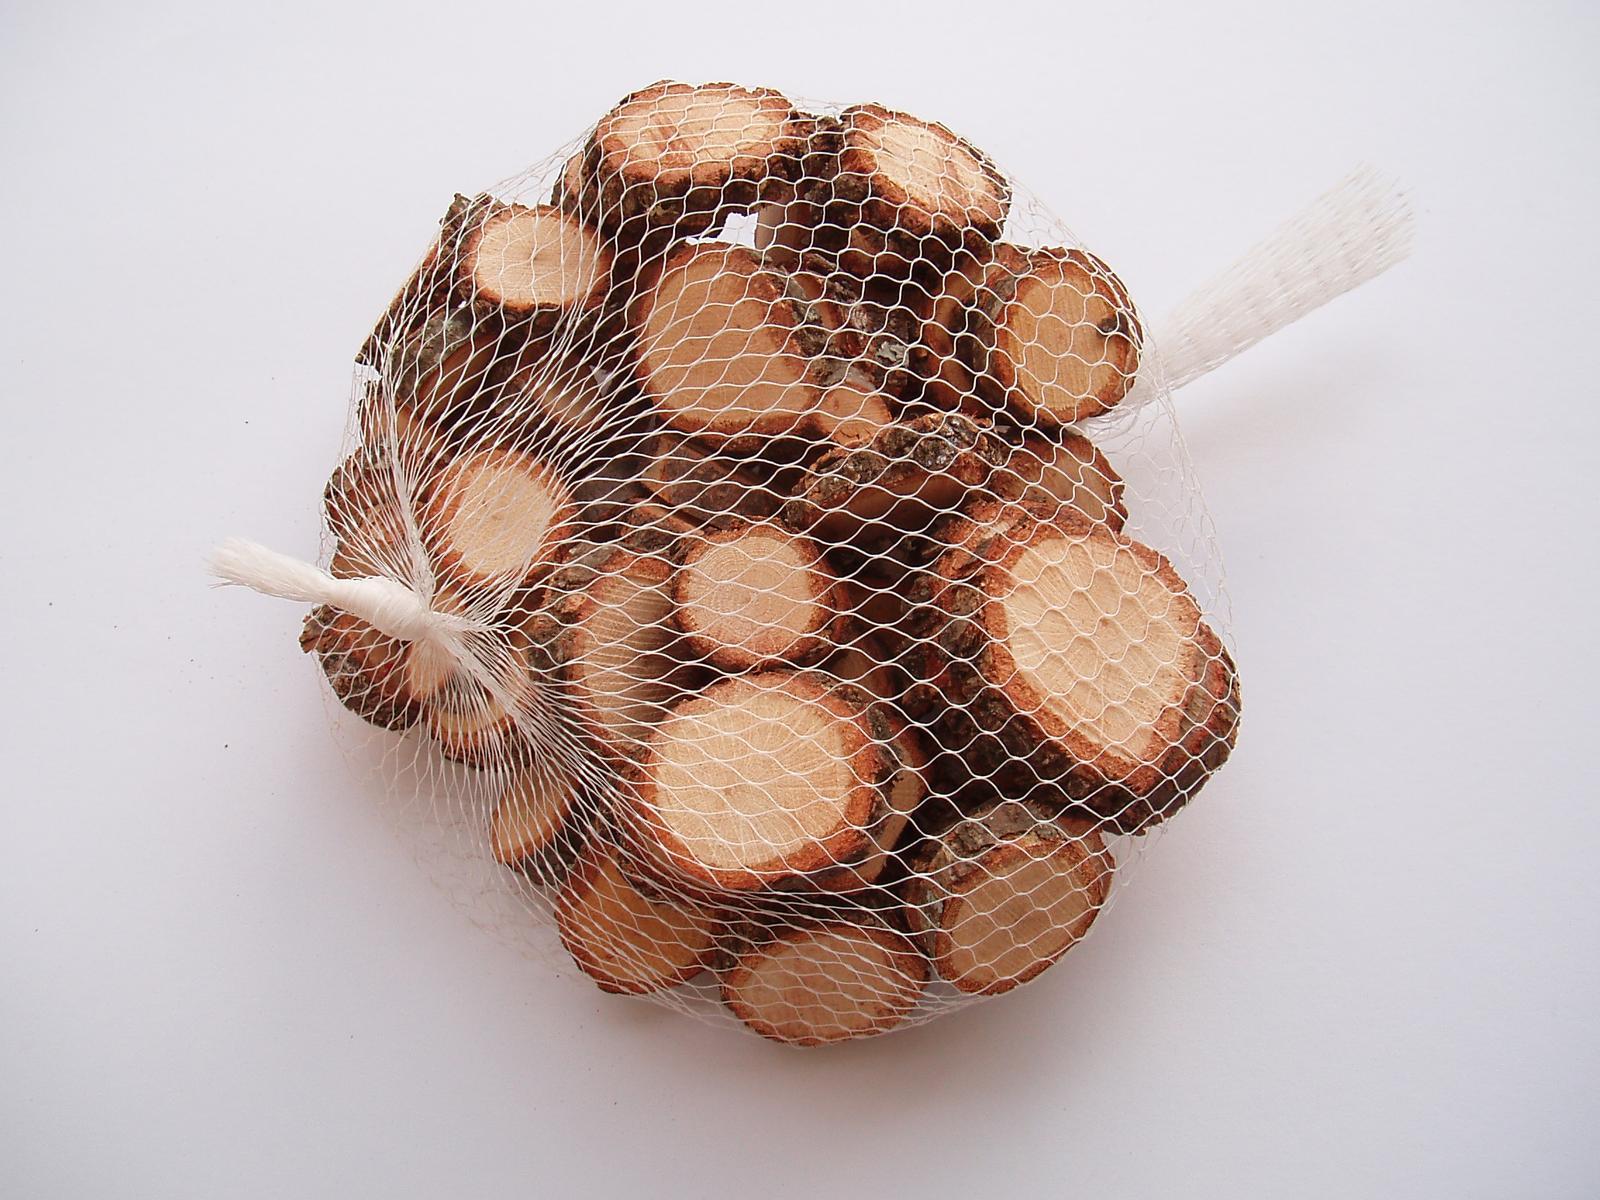 dřevěná kolečka - Obrázek č. 1